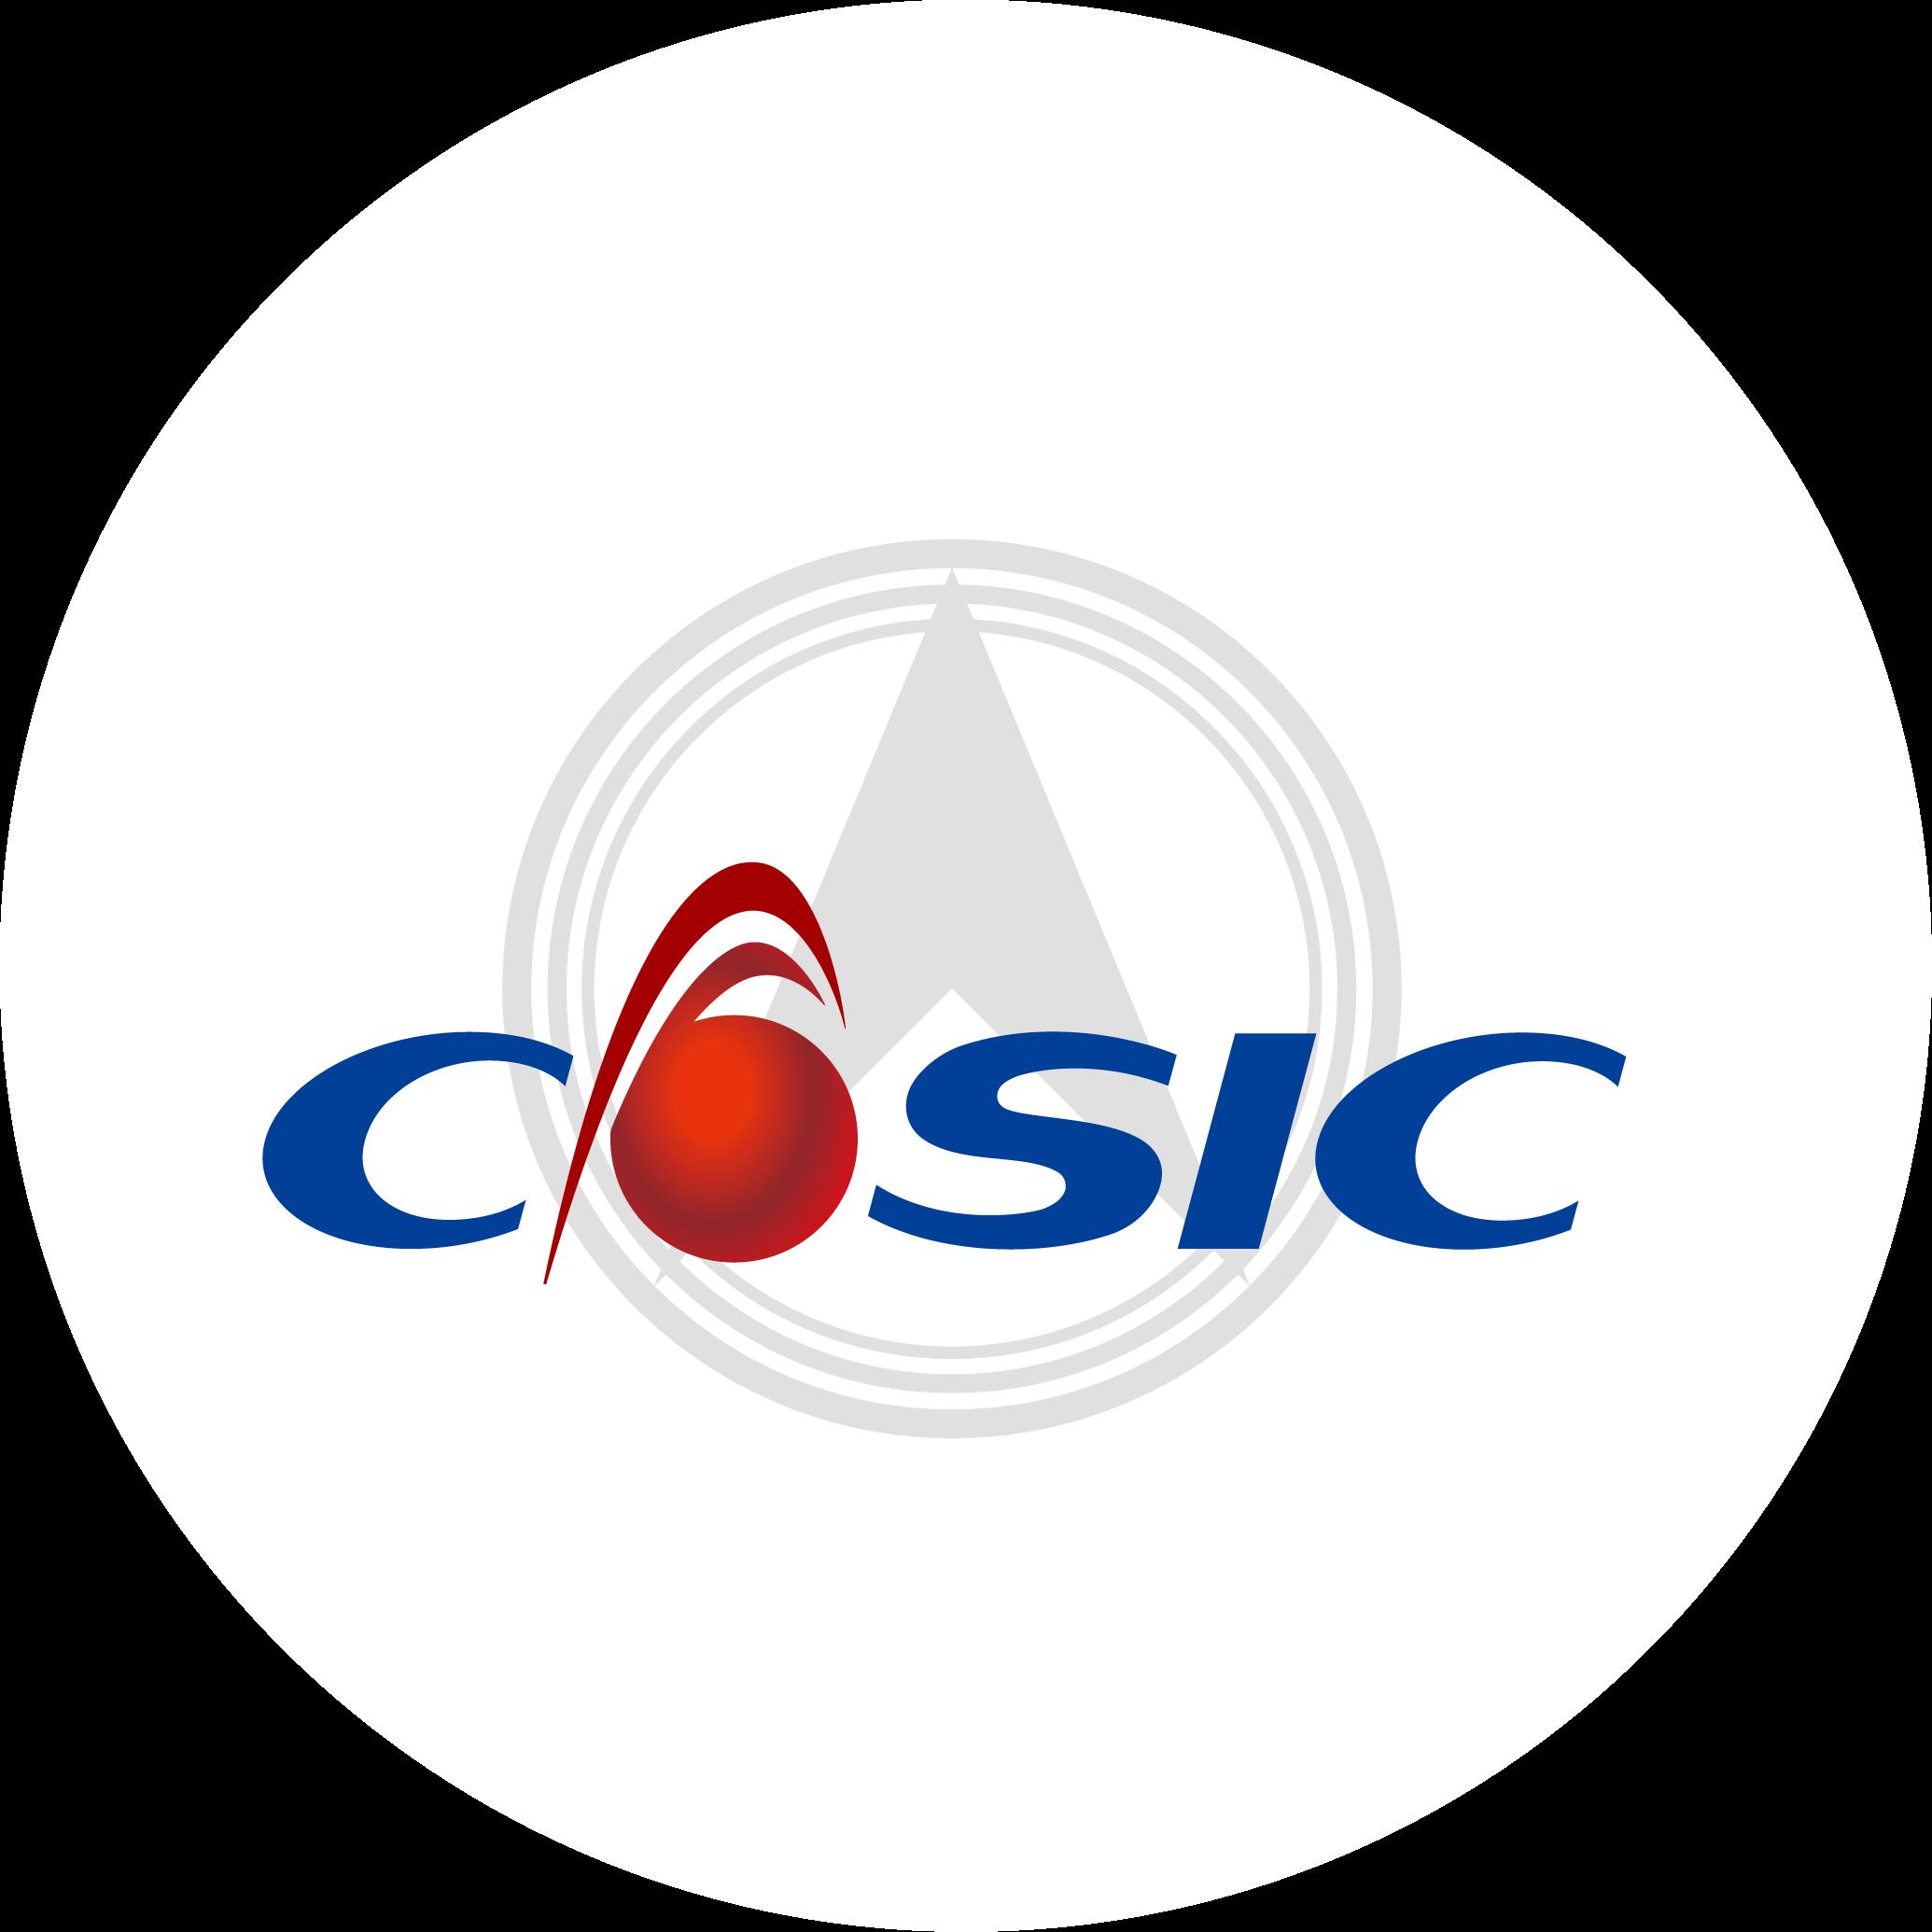 航天科工通信技术研究院(华灿工场)双创平台